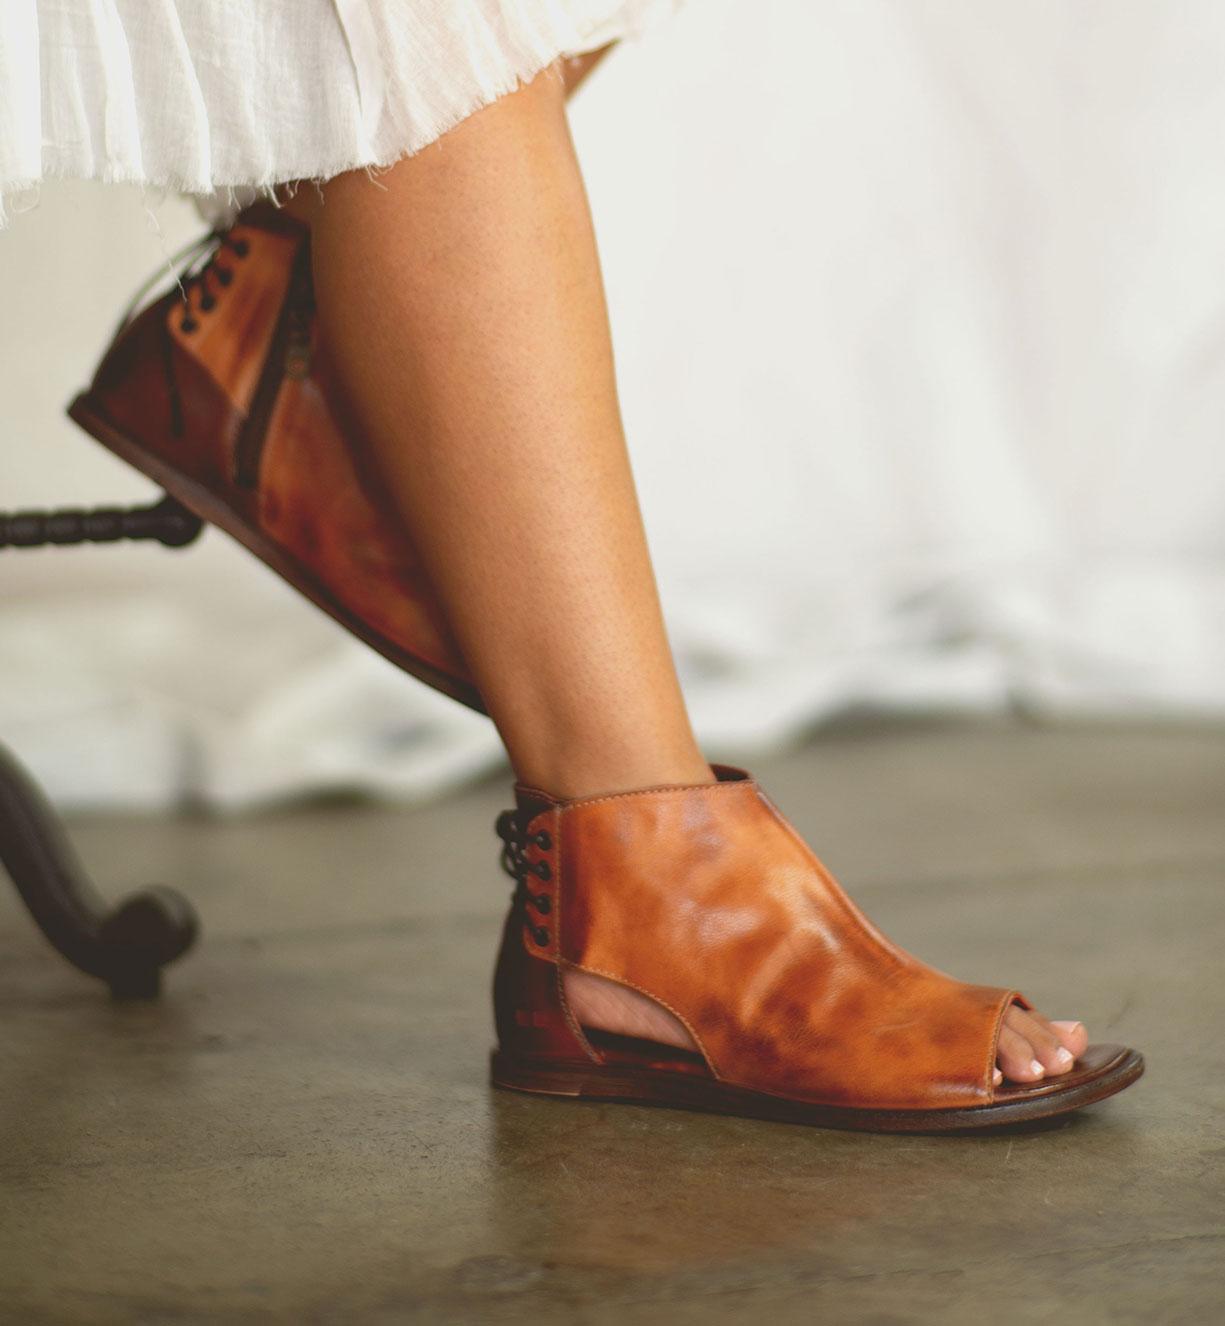 Woman's foot wearing tan leather open toe sandal